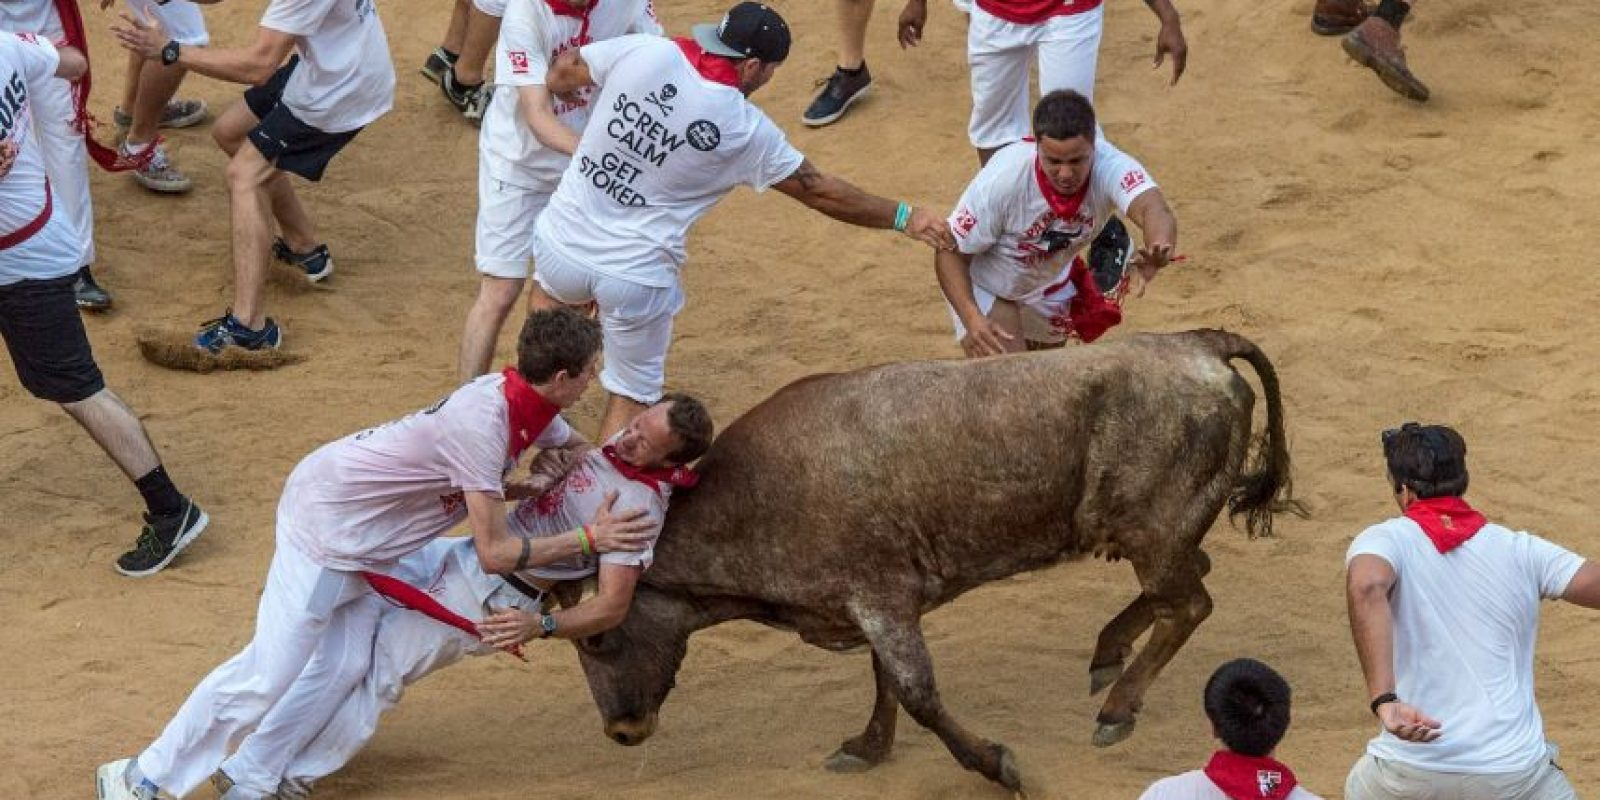 """Los festejos comienzan con el lanzaiento del """"chupinazo"""" desde el balcón del Ayuntamiento de Pamplona a las 12 del mediodía del 6 de julio. Foto:Getty Images"""